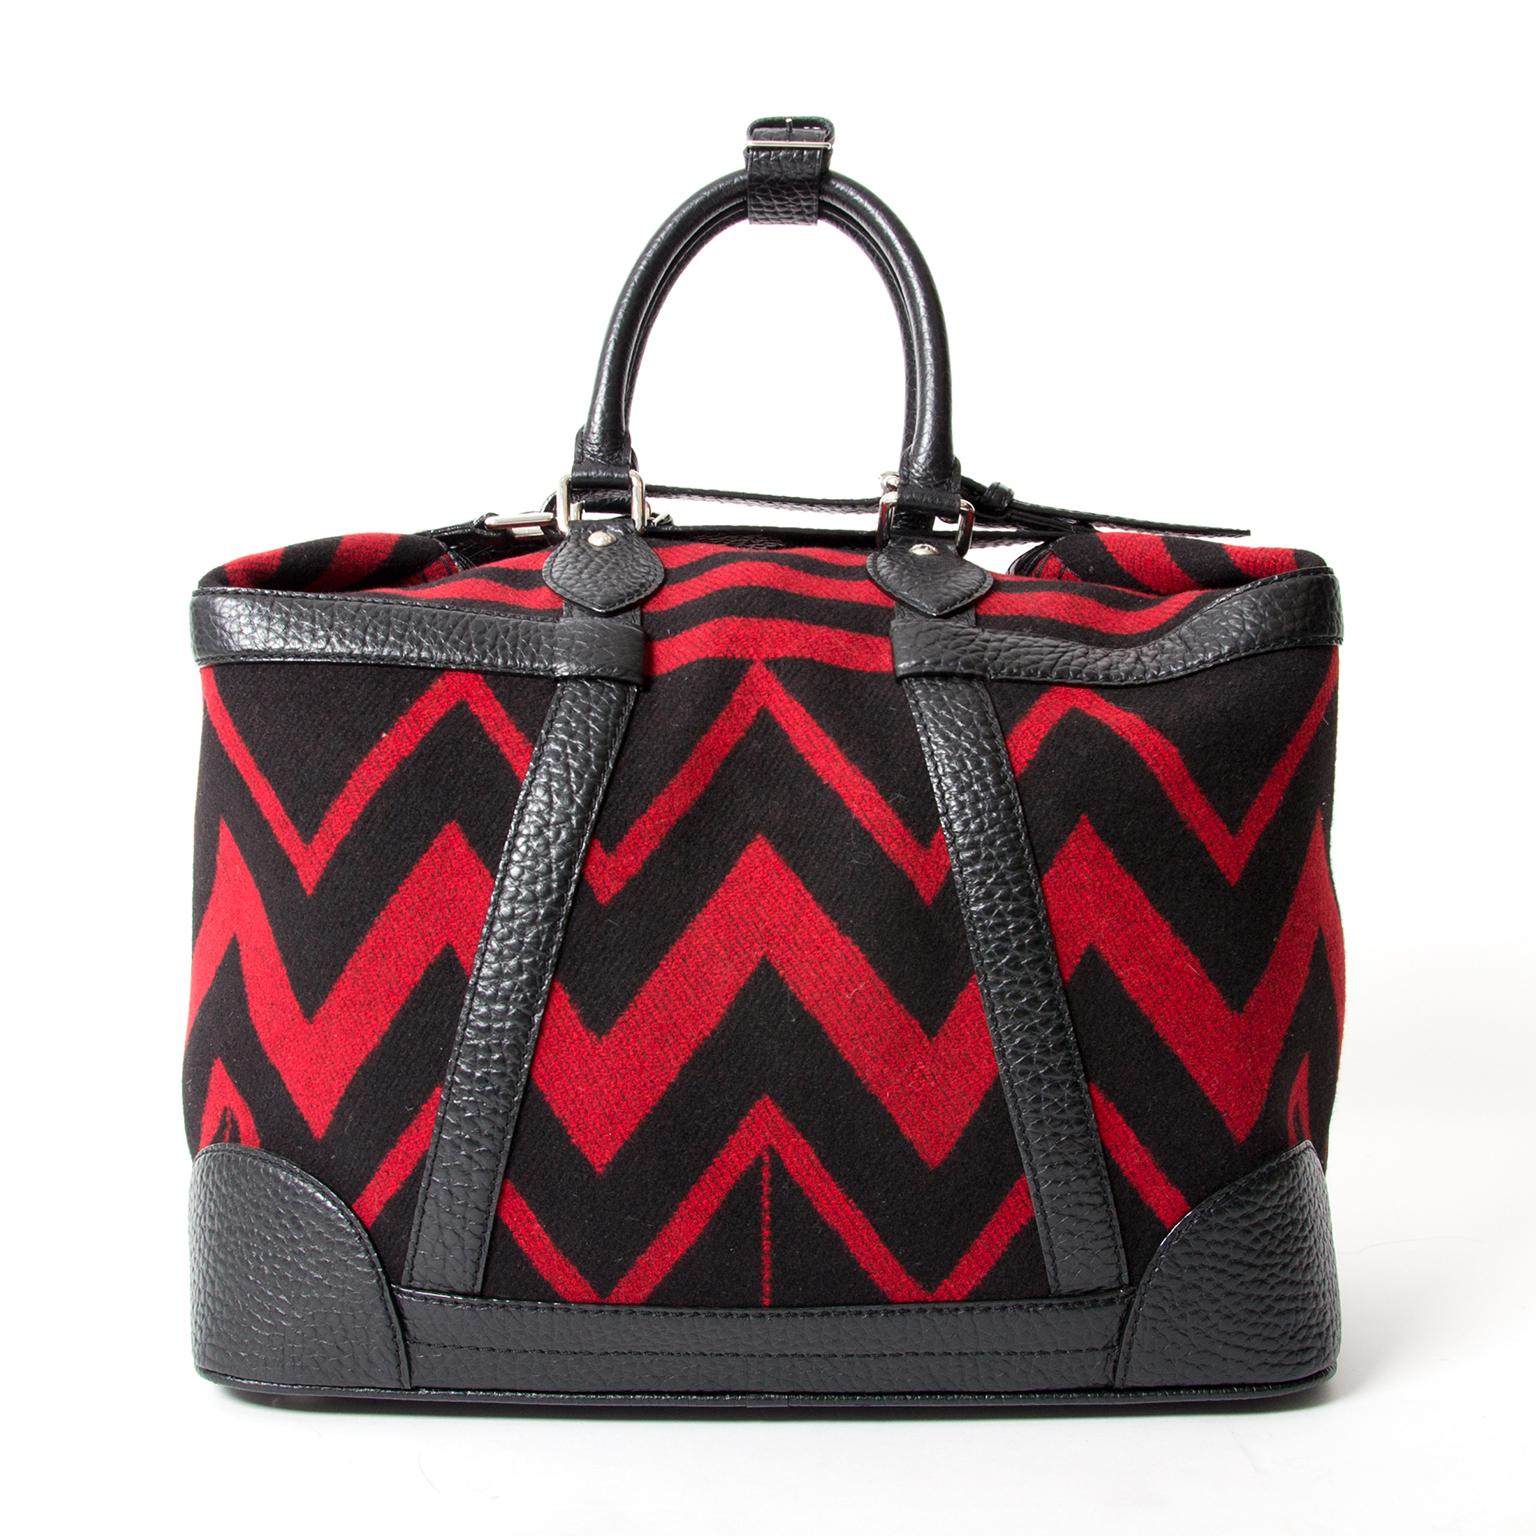 Louis Vuitton Vail Blanket Grimaud authentiek tweedehands veilig online shoppen winkelen online webshop LabelLOV Antwerpen België mode stijl luxemerken luxe designer ontwerper